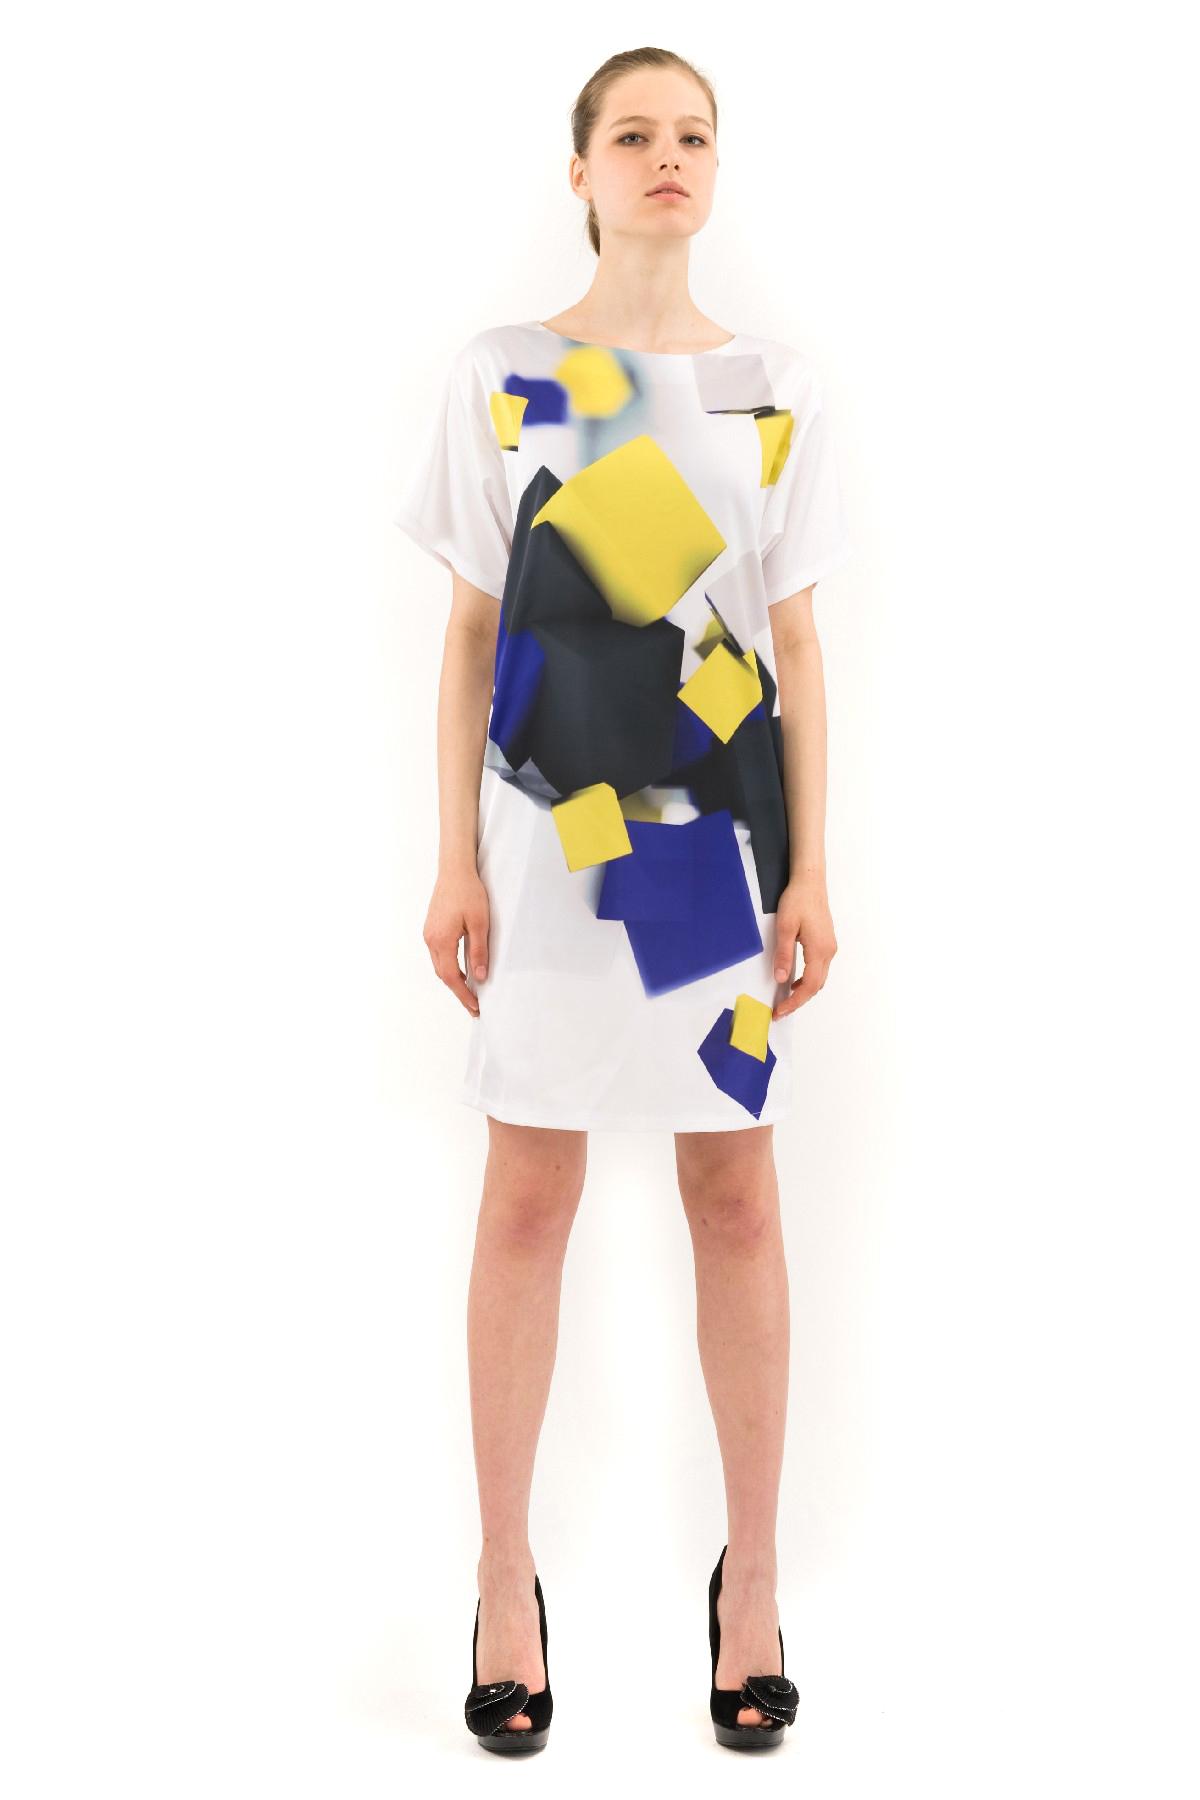 ПлатьеПлатья,  сарафаны<br>Великолепное платье с дизайнерским принтом выполнено в стиле color blocking. Изделие свободного покроя с короткими рукавами и округлым вырезом горловины. Прекрасный вариант для создания эффектного образа.<br><br>Цвет: белый,фиолетовый<br>Состав: 100% полиэстер, подкладка-100% полиэстер<br>Размер: 42,44,46,48<br>Страна дизайна: Россия<br>Страна производства: Россия